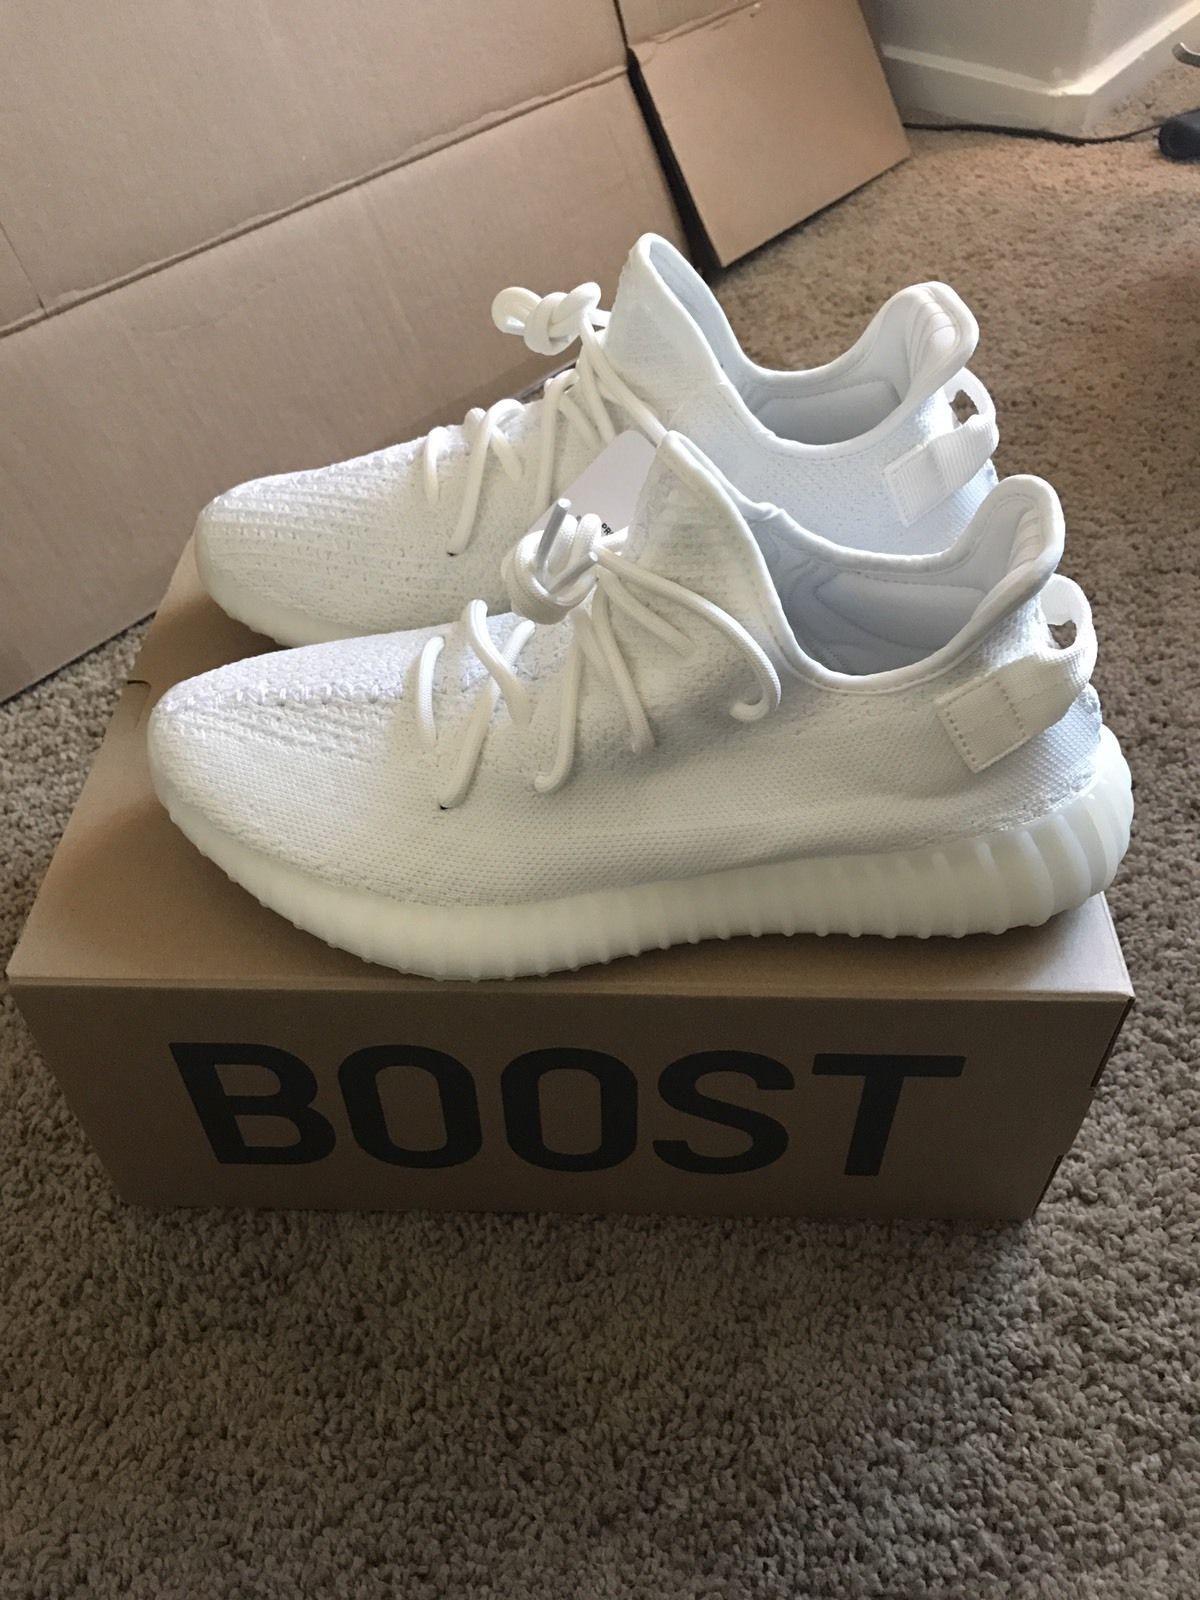 1698e5aca75 adidas yeezy boost 350 v2 Cream White